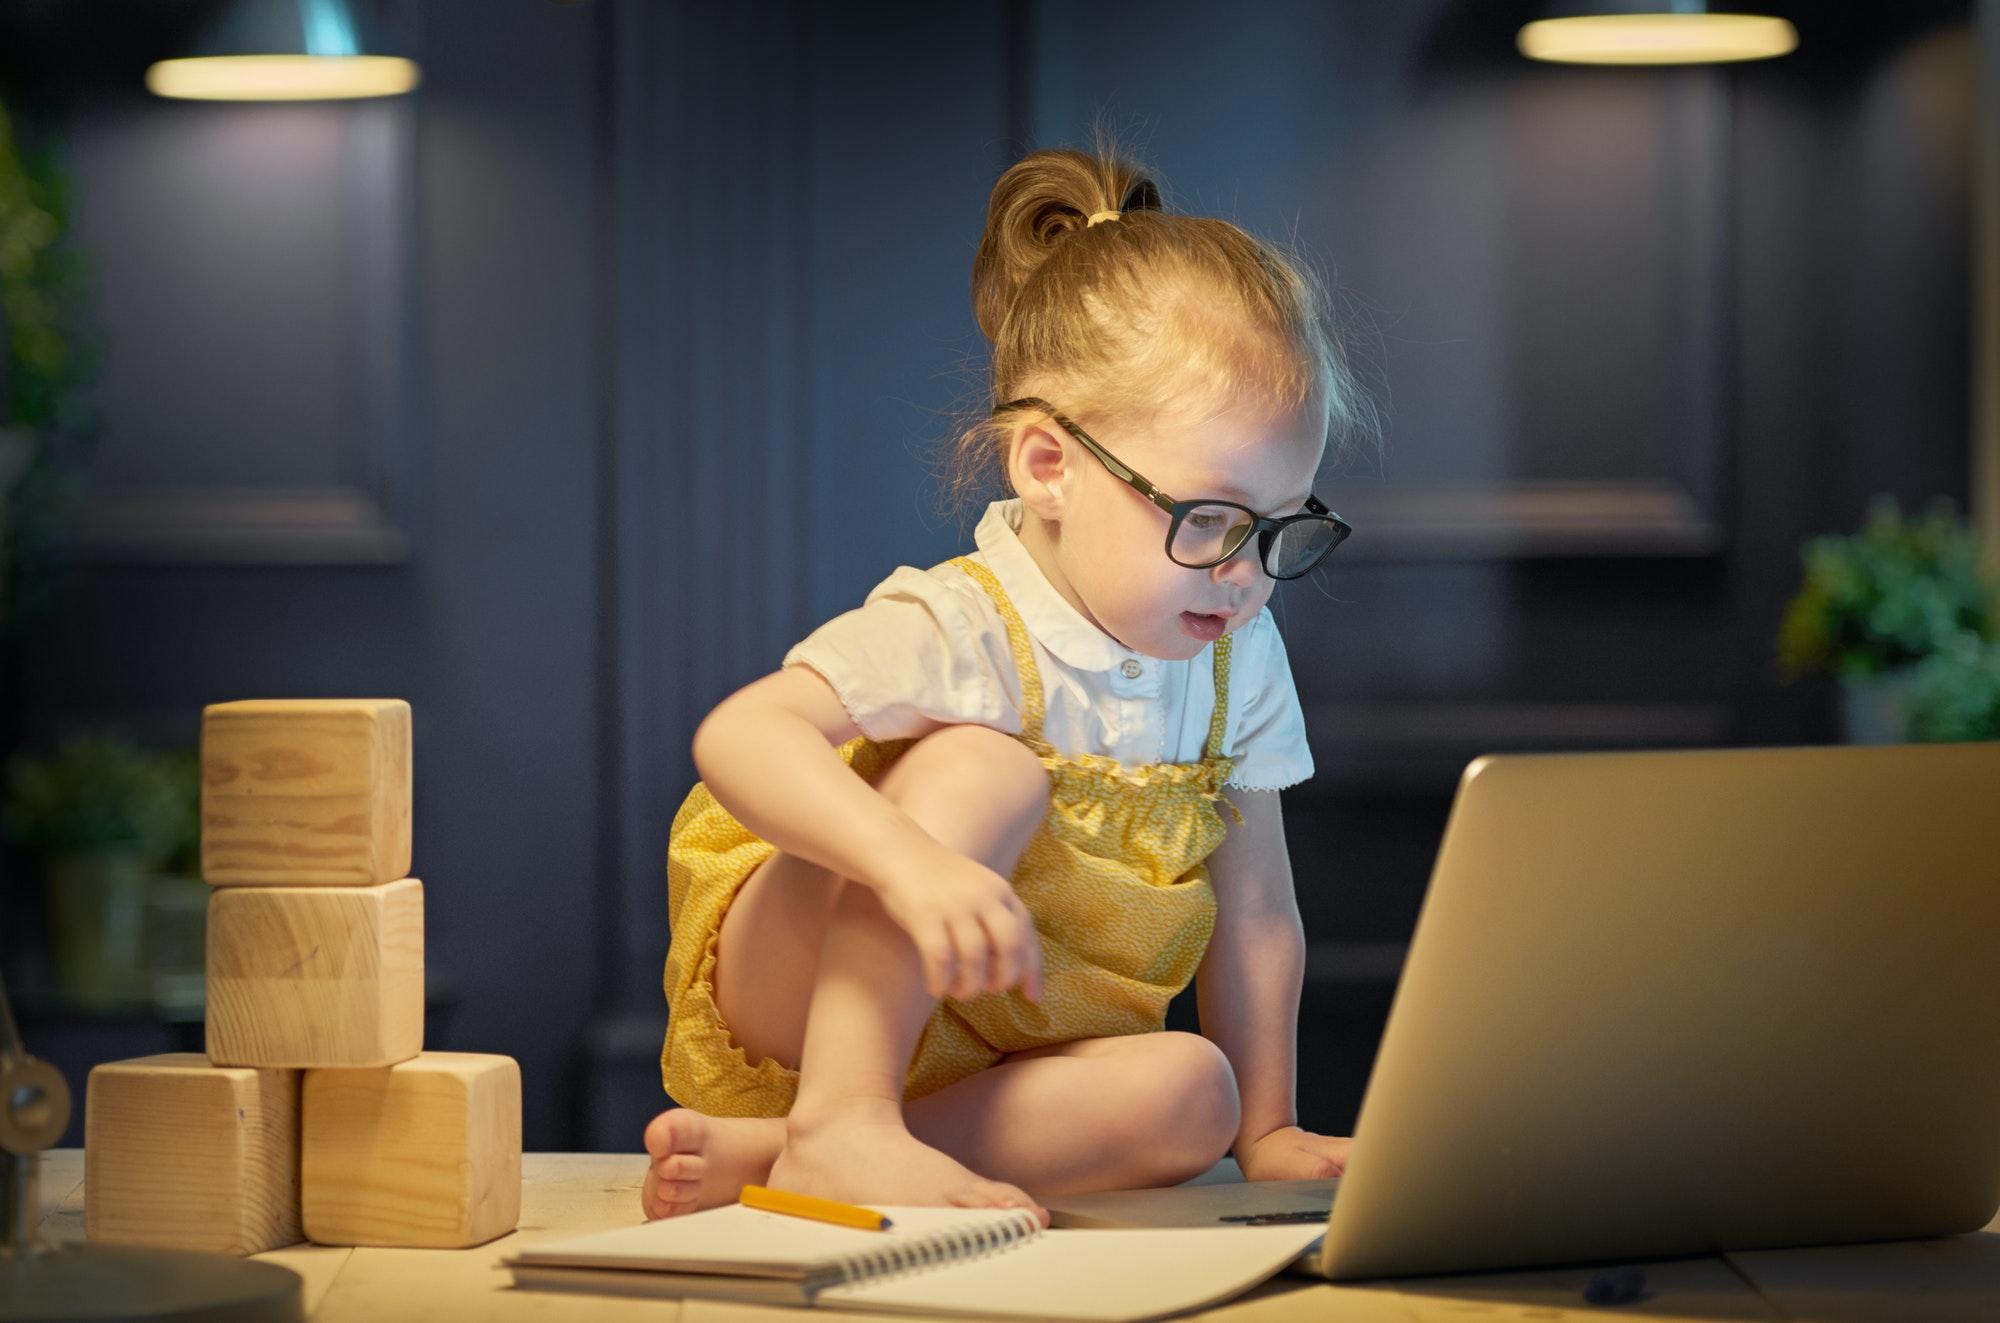 Uddannelse webdesigner, 5 tips til at starte en karriere som hjemmeside designere